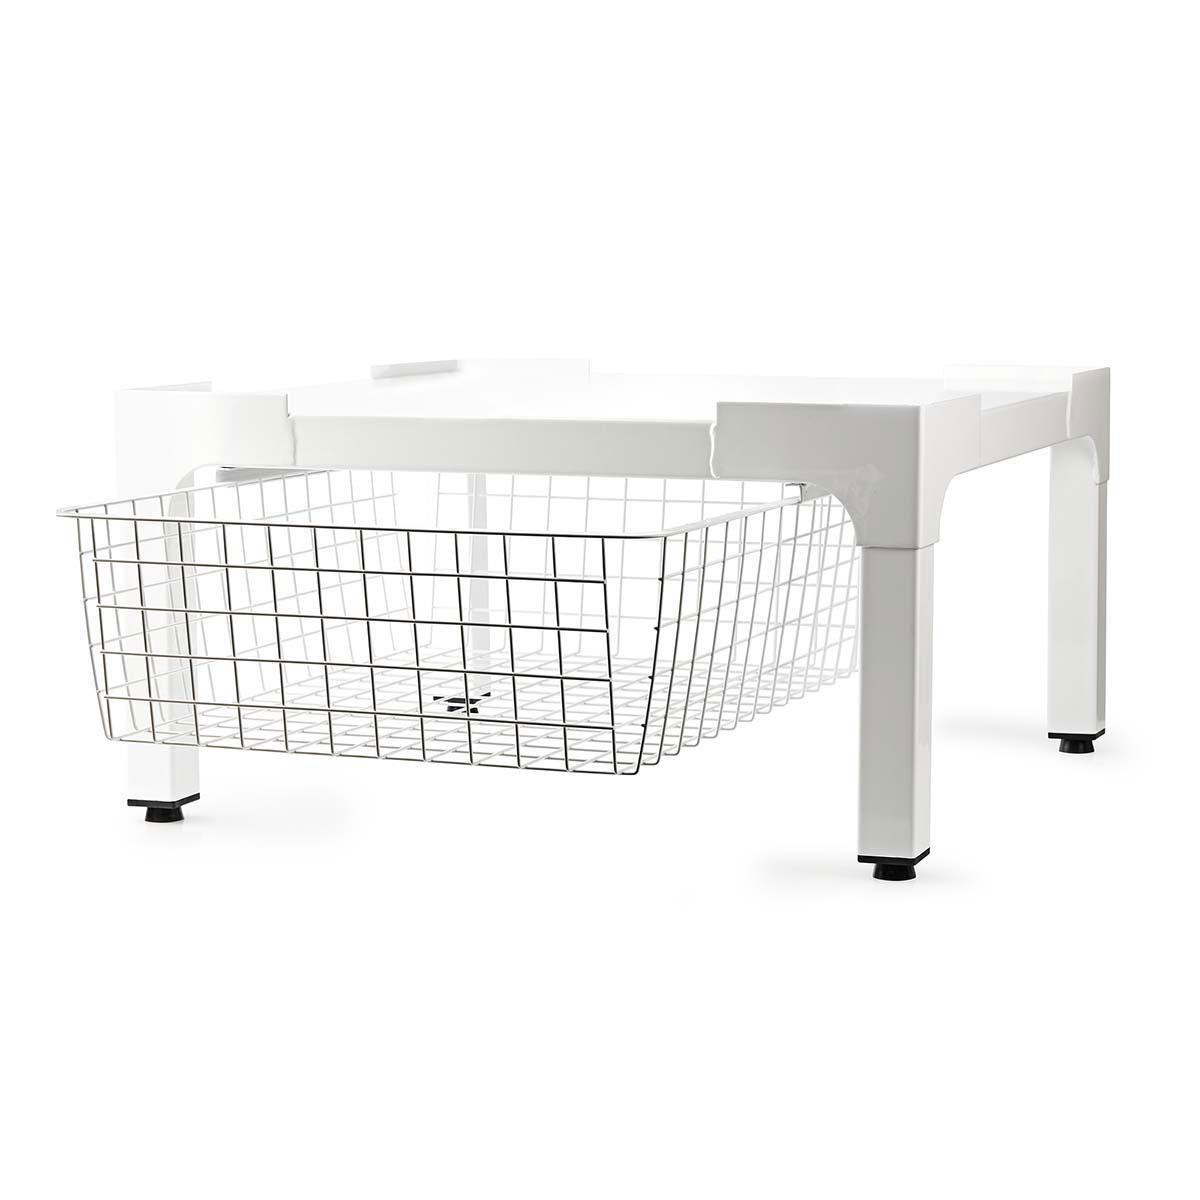 waschmaschine und trockner stapeln waschmaschine und trockner stapeln waschmaschine und. Black Bedroom Furniture Sets. Home Design Ideas